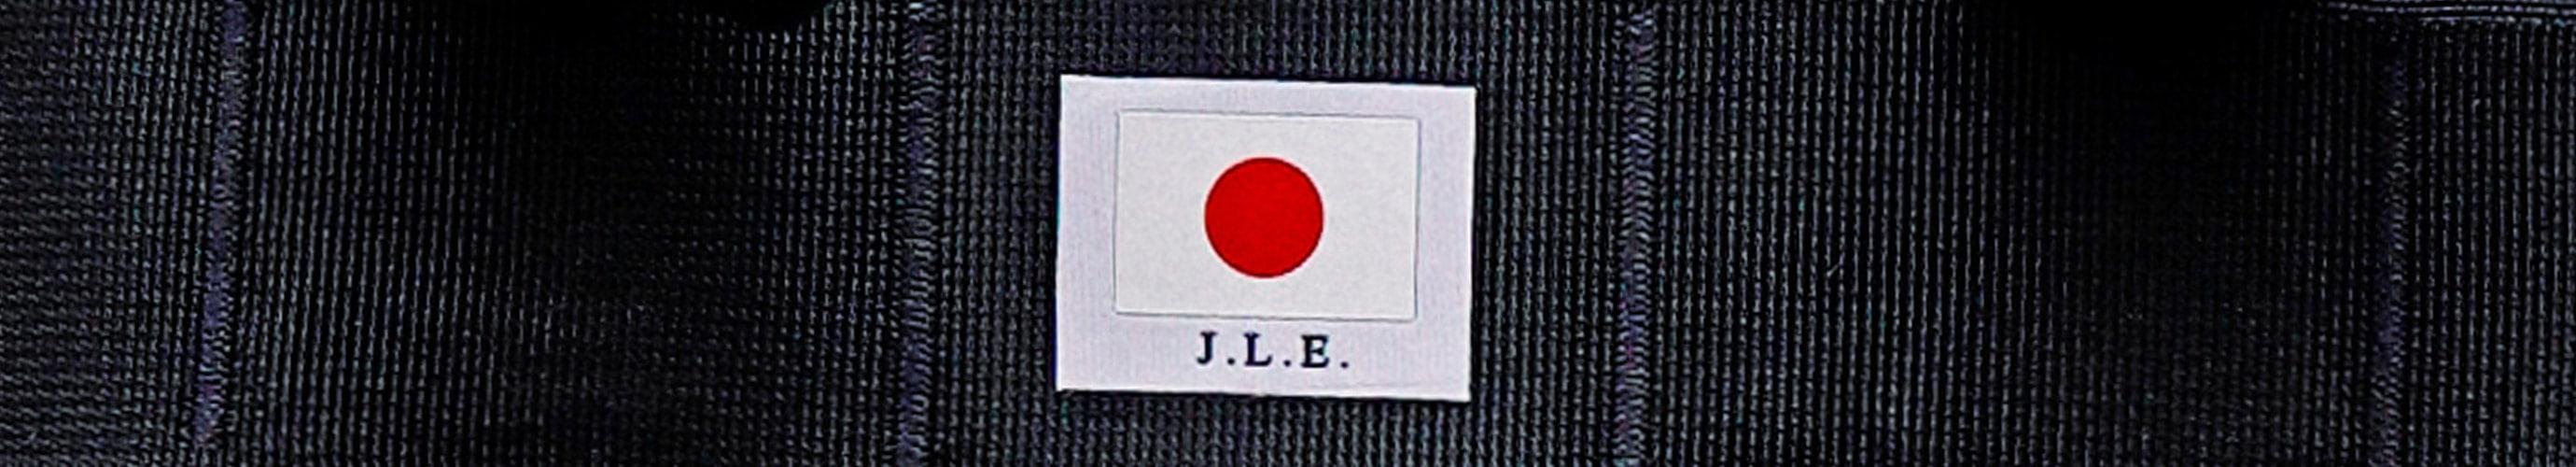 Close Up Of JLE Bar